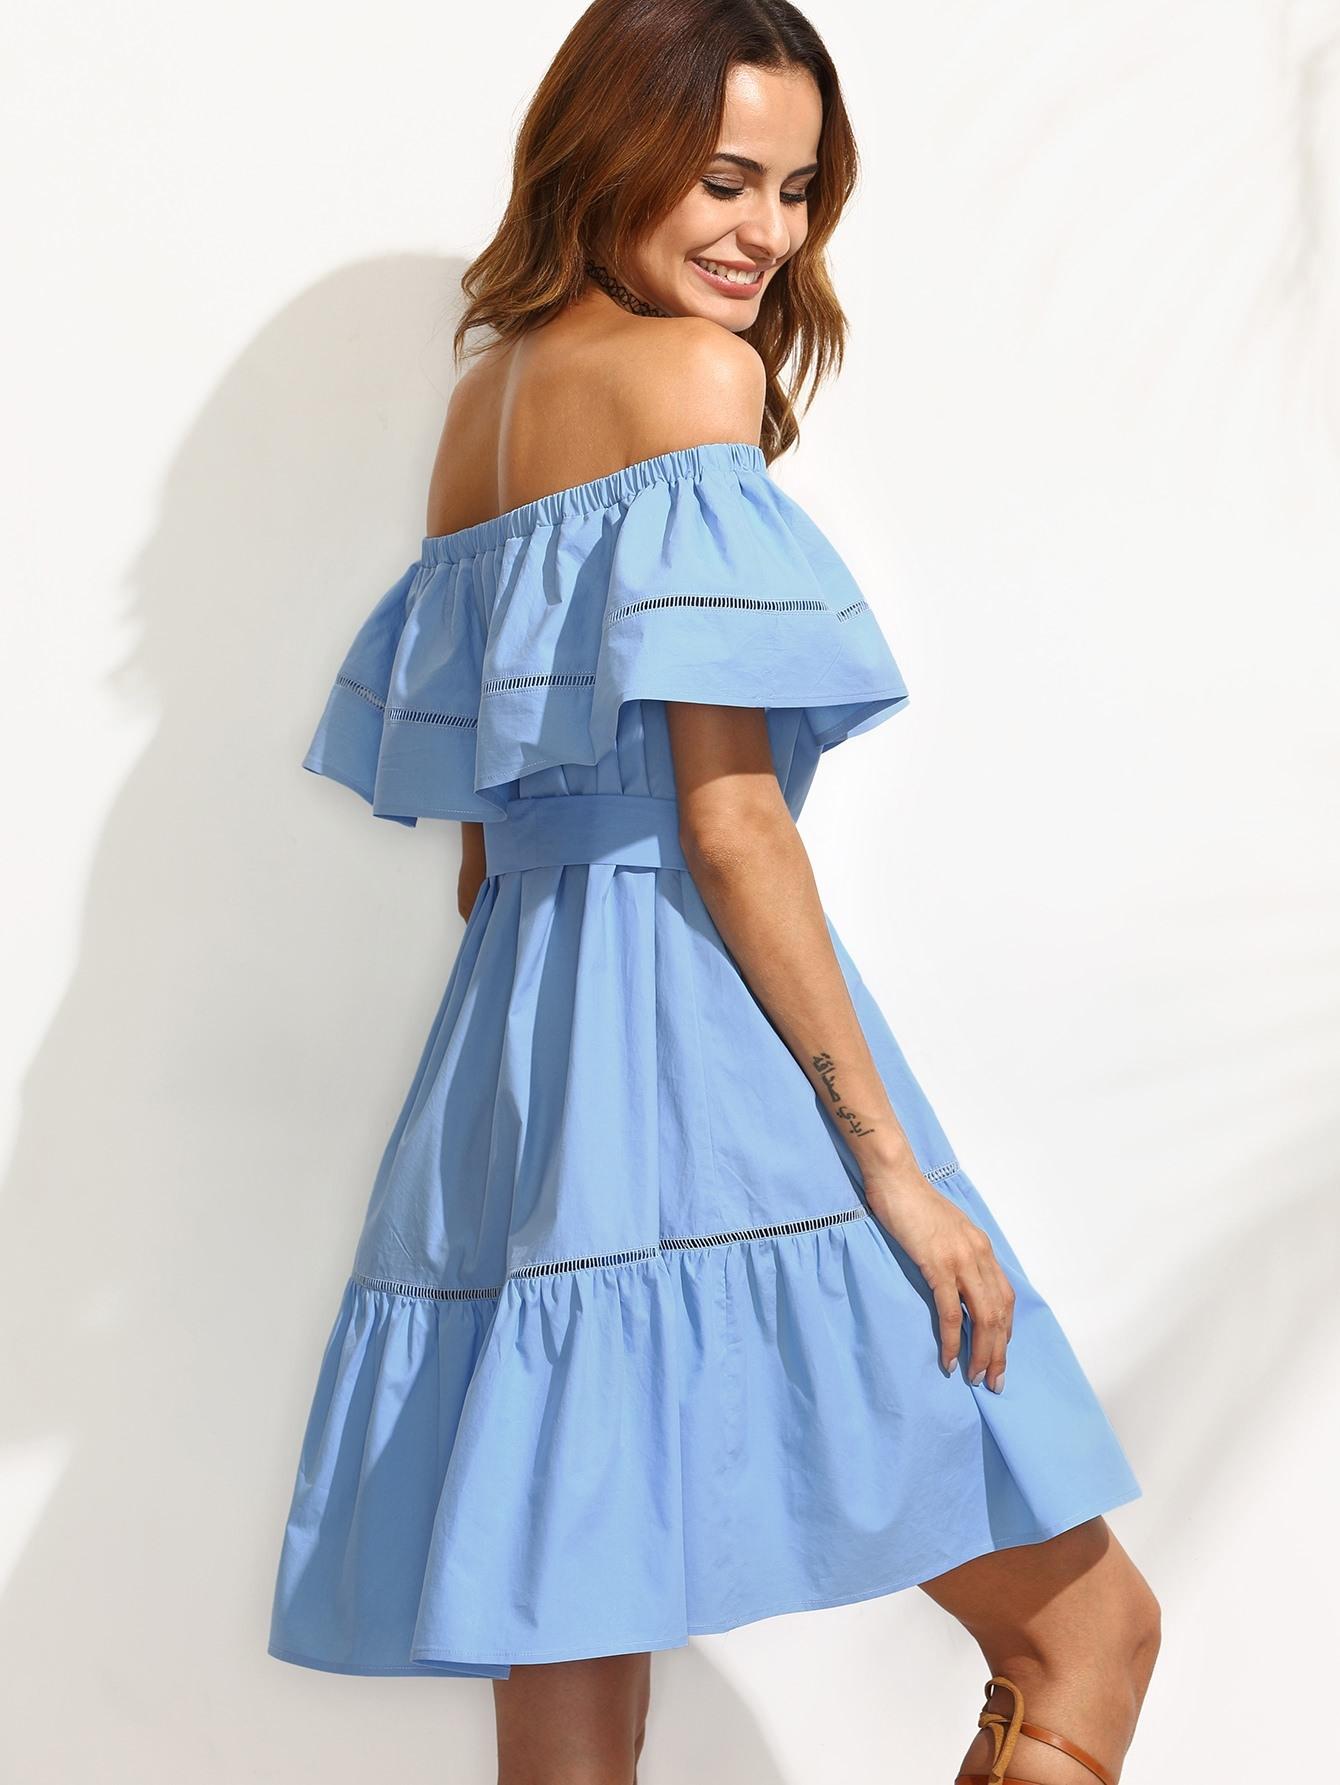 10 Schön Kleid Kurz Blau Vertrieb13 Schön Kleid Kurz Blau Stylish